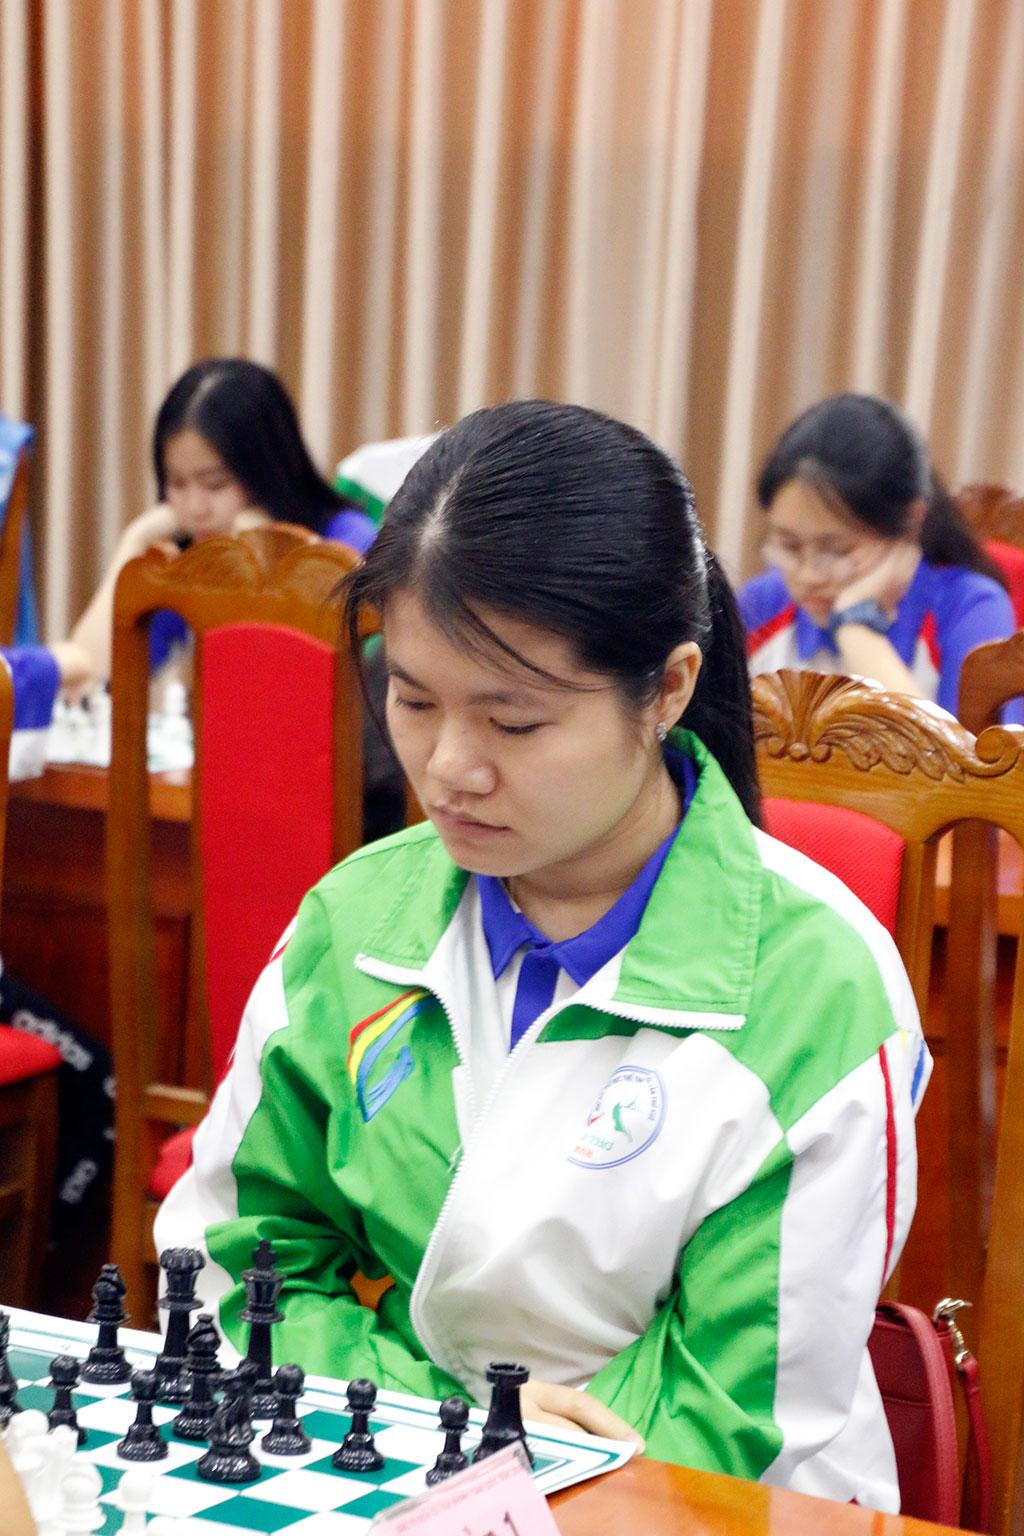 Vợ chồng Nguyễn Ngọc Trường Sơn – Phạm Lê Thảo Nguyên vô địch cờ nhanh giải toàn quốc 2019